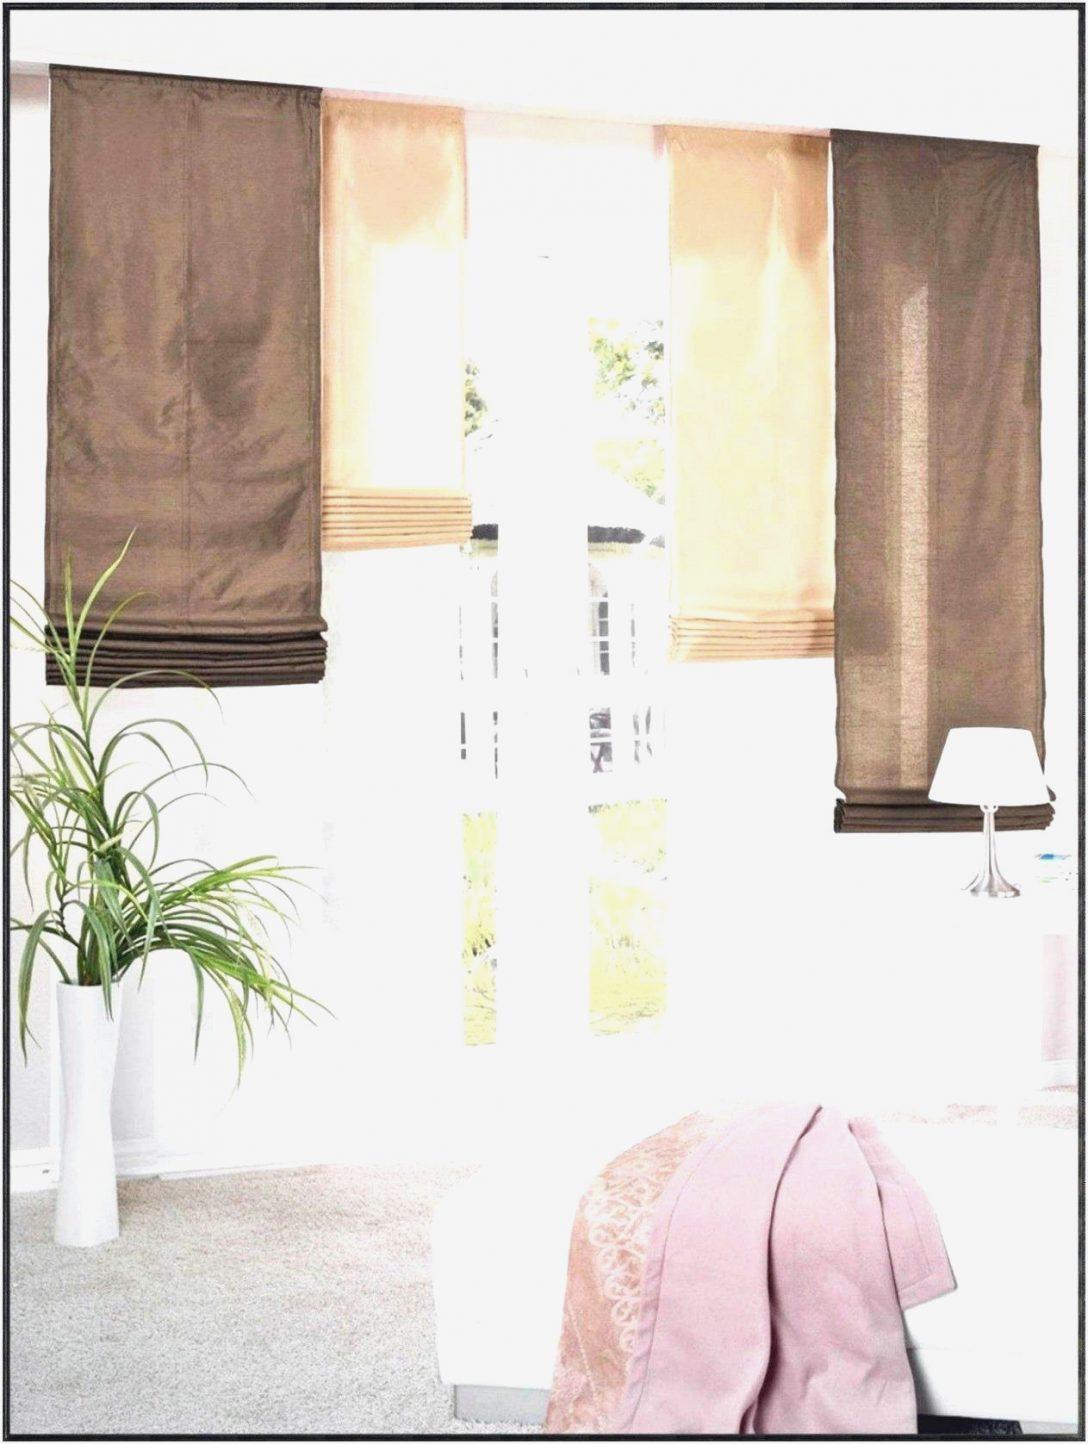 Large Size of Gardinen Schlafzimmer Bilder Traumhaus Dekoration Komplett Poco Günstige Regal Sitzbank Stuhl Für Wohnzimmer Scheibengardinen Küche Mit Lattenrost Und Schlafzimmer Gardinen Schlafzimmer